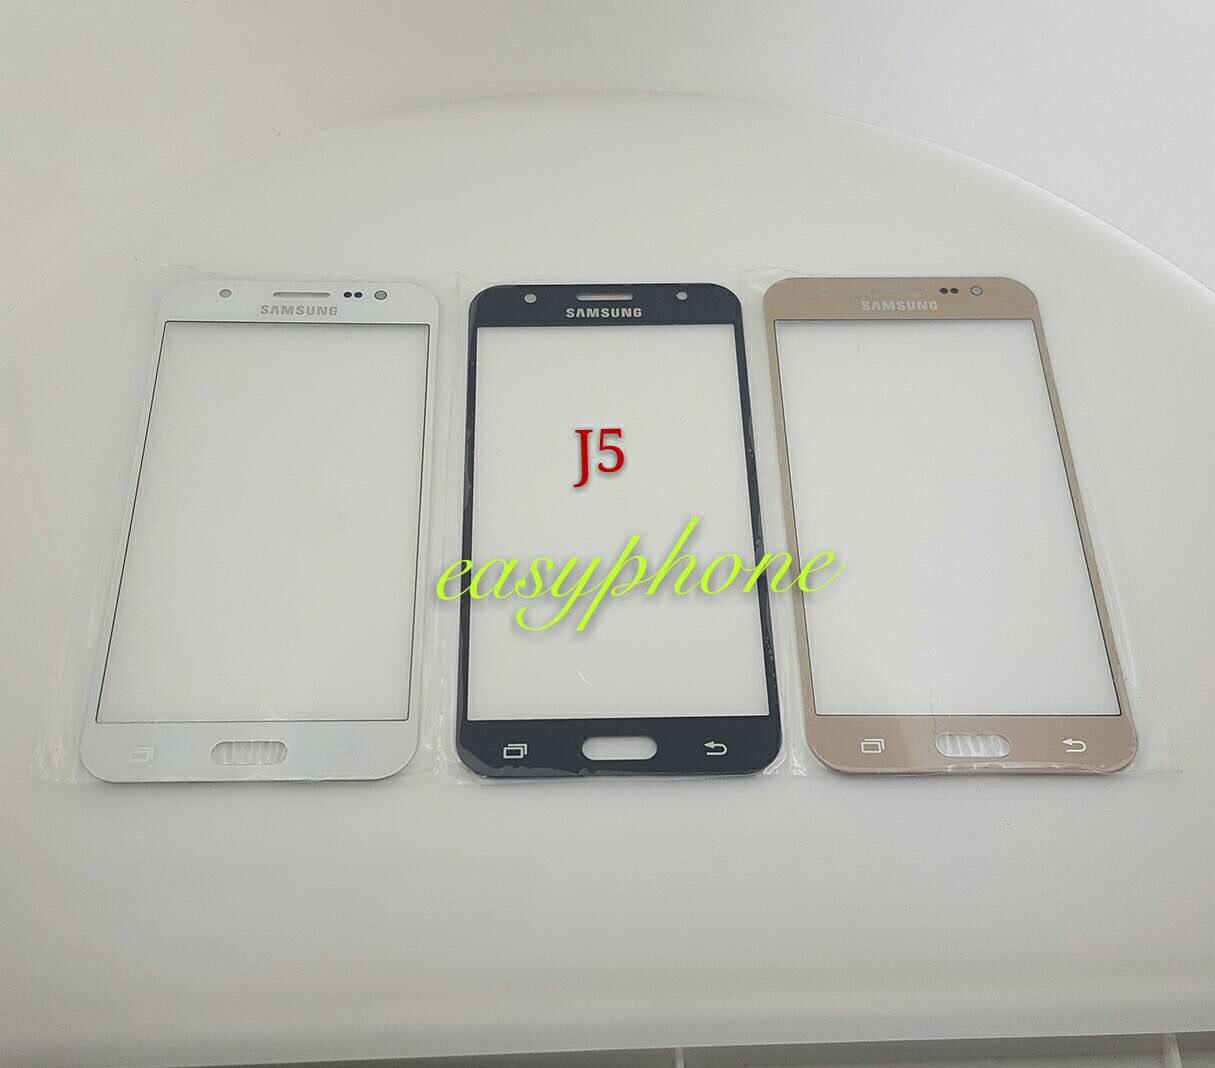 แผ่นกระจกหน้าจอ Galaxy J5 สีขาว//สีดำ//สีทอง